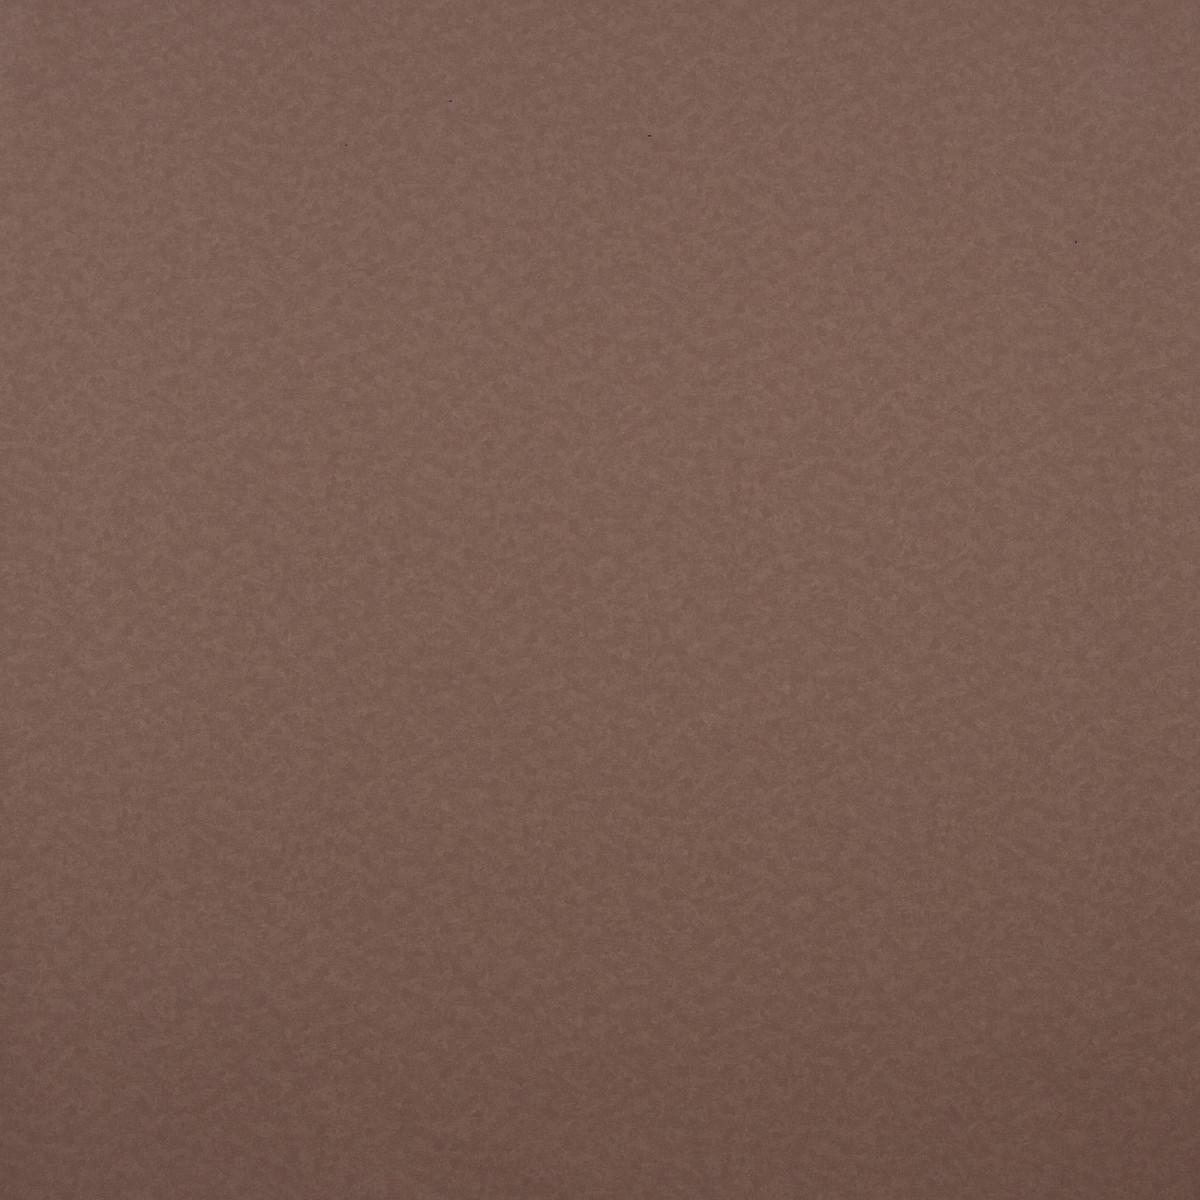 Обои флизелиновые 1.06х10 м фон коричневый ER 5684-11